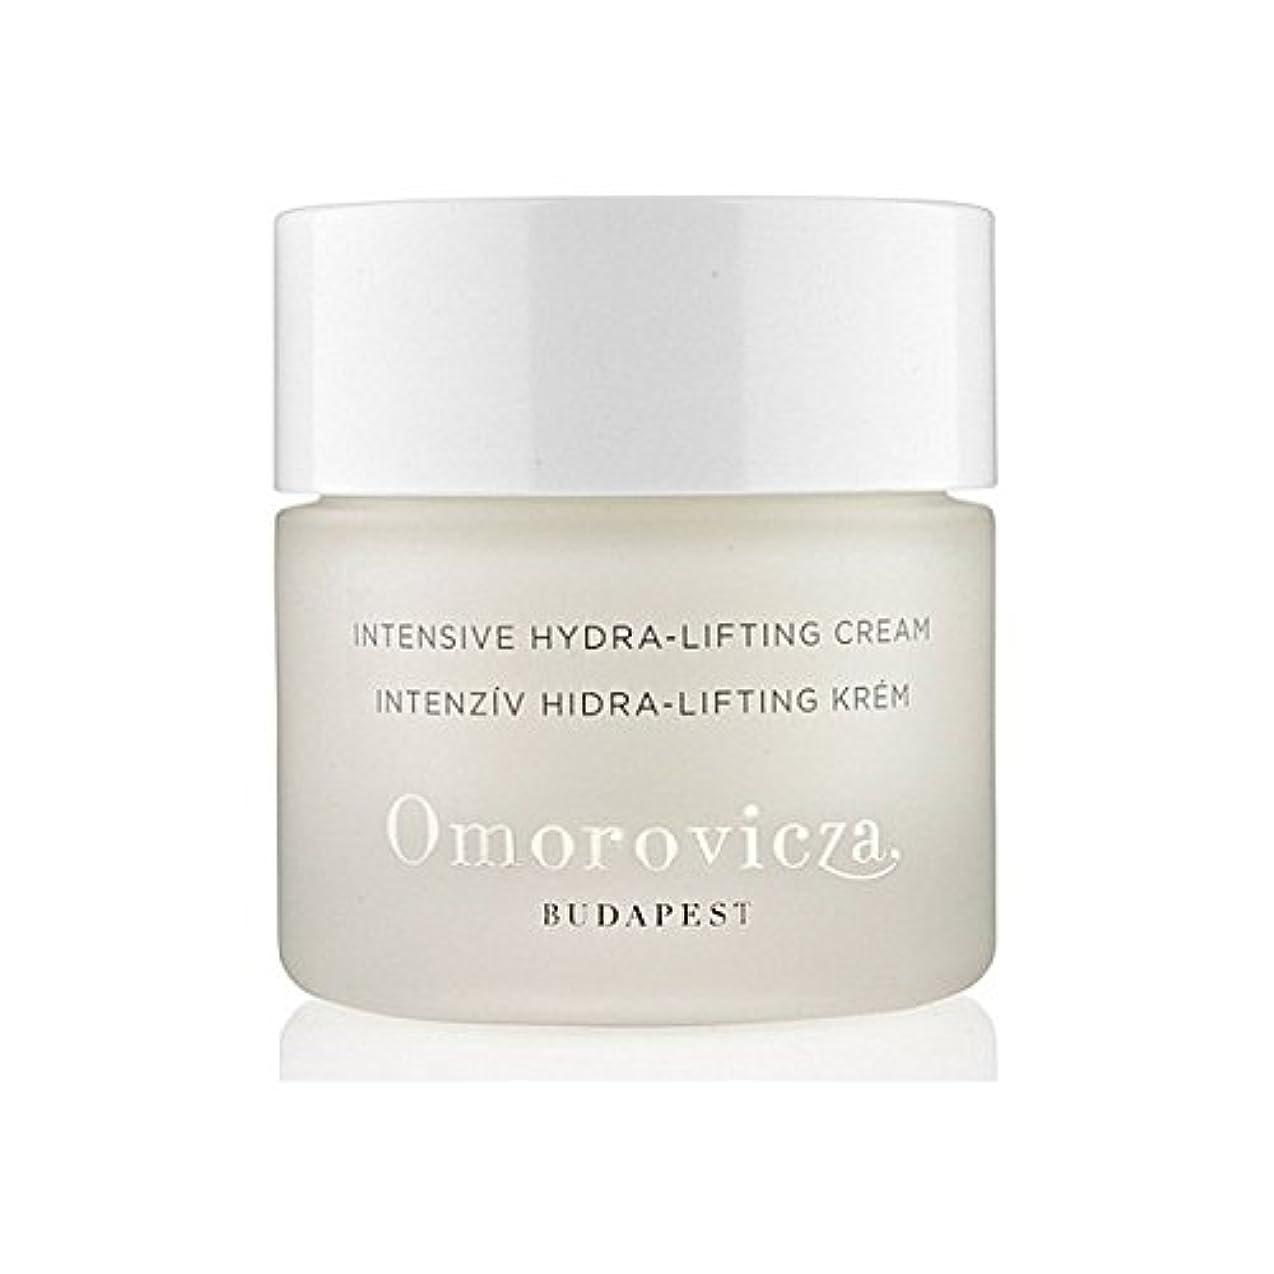 件名憂鬱なエミュレートする集中的なヒドラリフティングクリーム50 x2 - Omorovicza Intensive Hydra-Lifting Cream 50Ml (Pack of 2) [並行輸入品]